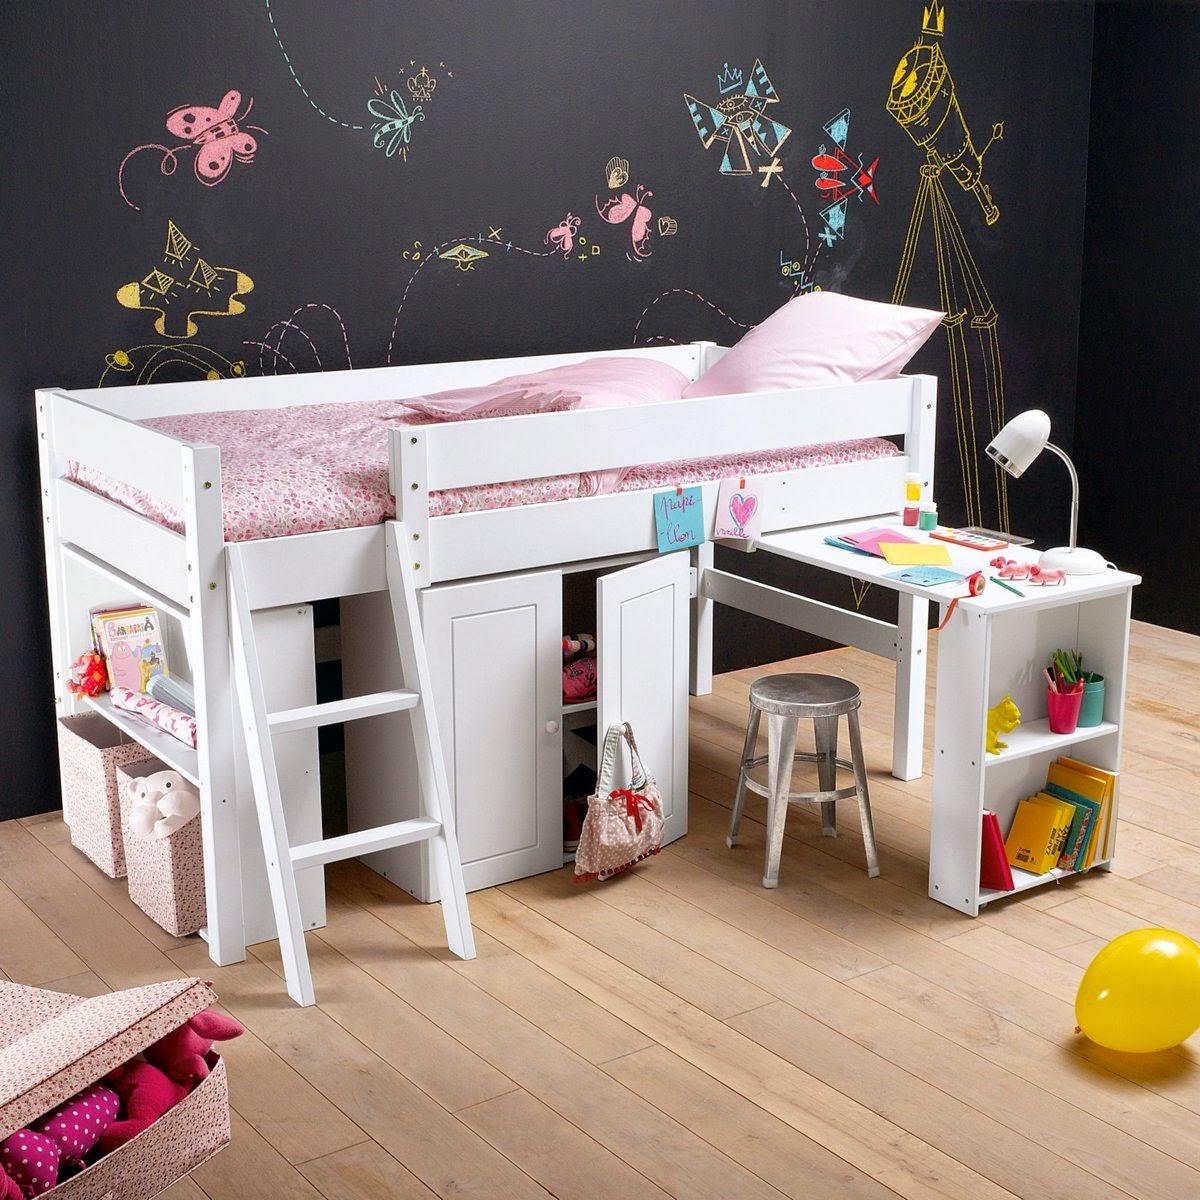 Loulou gatou sp cial lits sur lev s pour chambres d 39 enfants for Lit ikea mezzanine